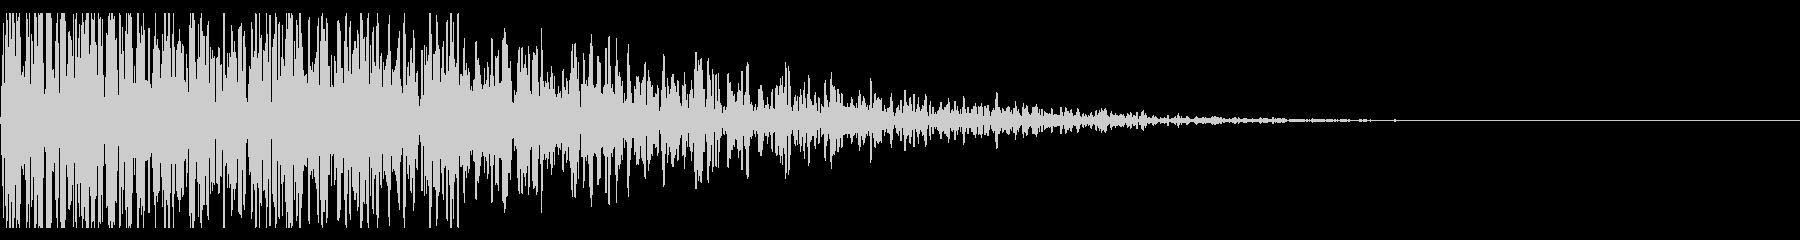 遠めの爆発音(ドカーン、衝撃、爆弾)_1の未再生の波形